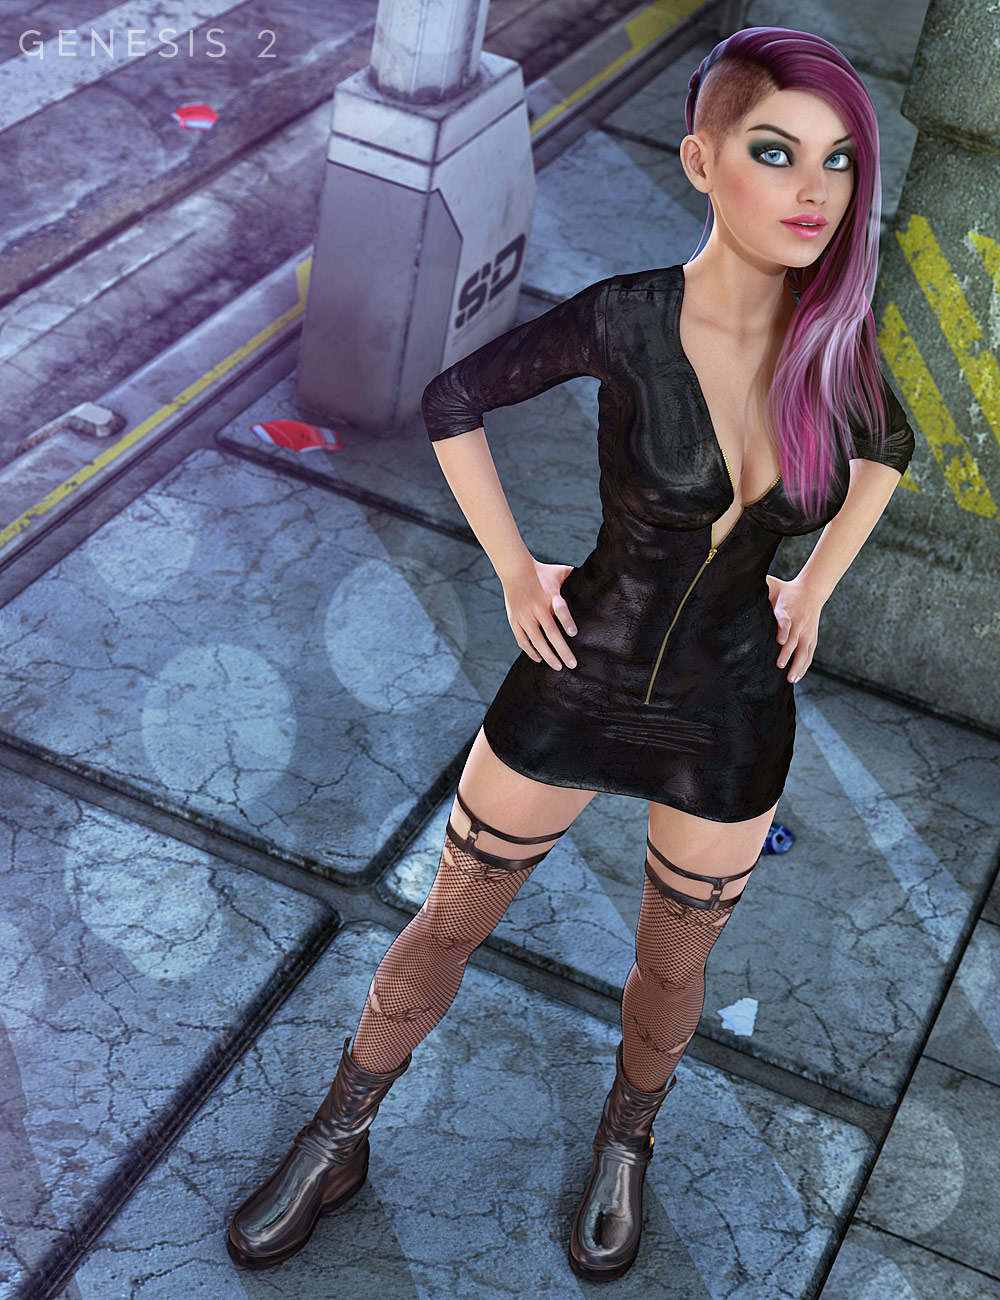 TEC2 CAT for Genesis 2 Female(s) by: 4blueyes, 3D Models by Daz 3D